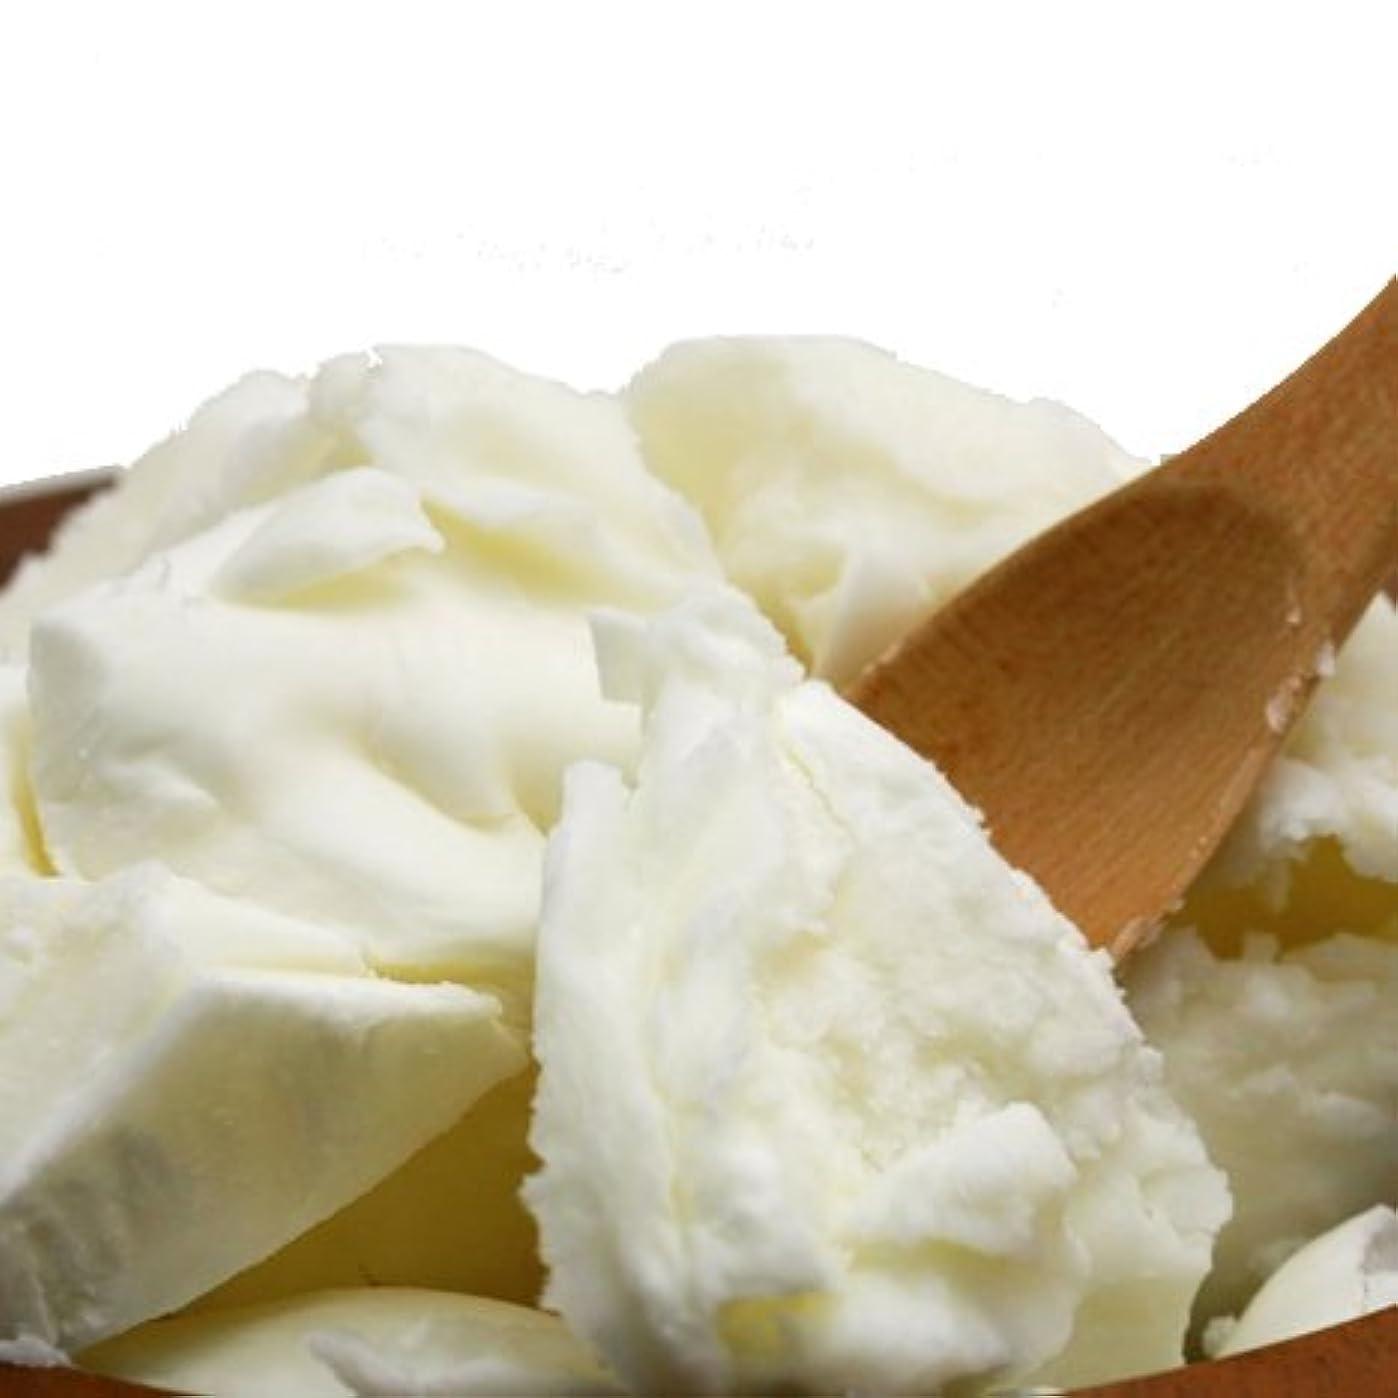 けがをする排出国籍オーガニック 精製シアバター 50g シア脂 【手作り石鹸/手作りコスメ/手作り化粧品】